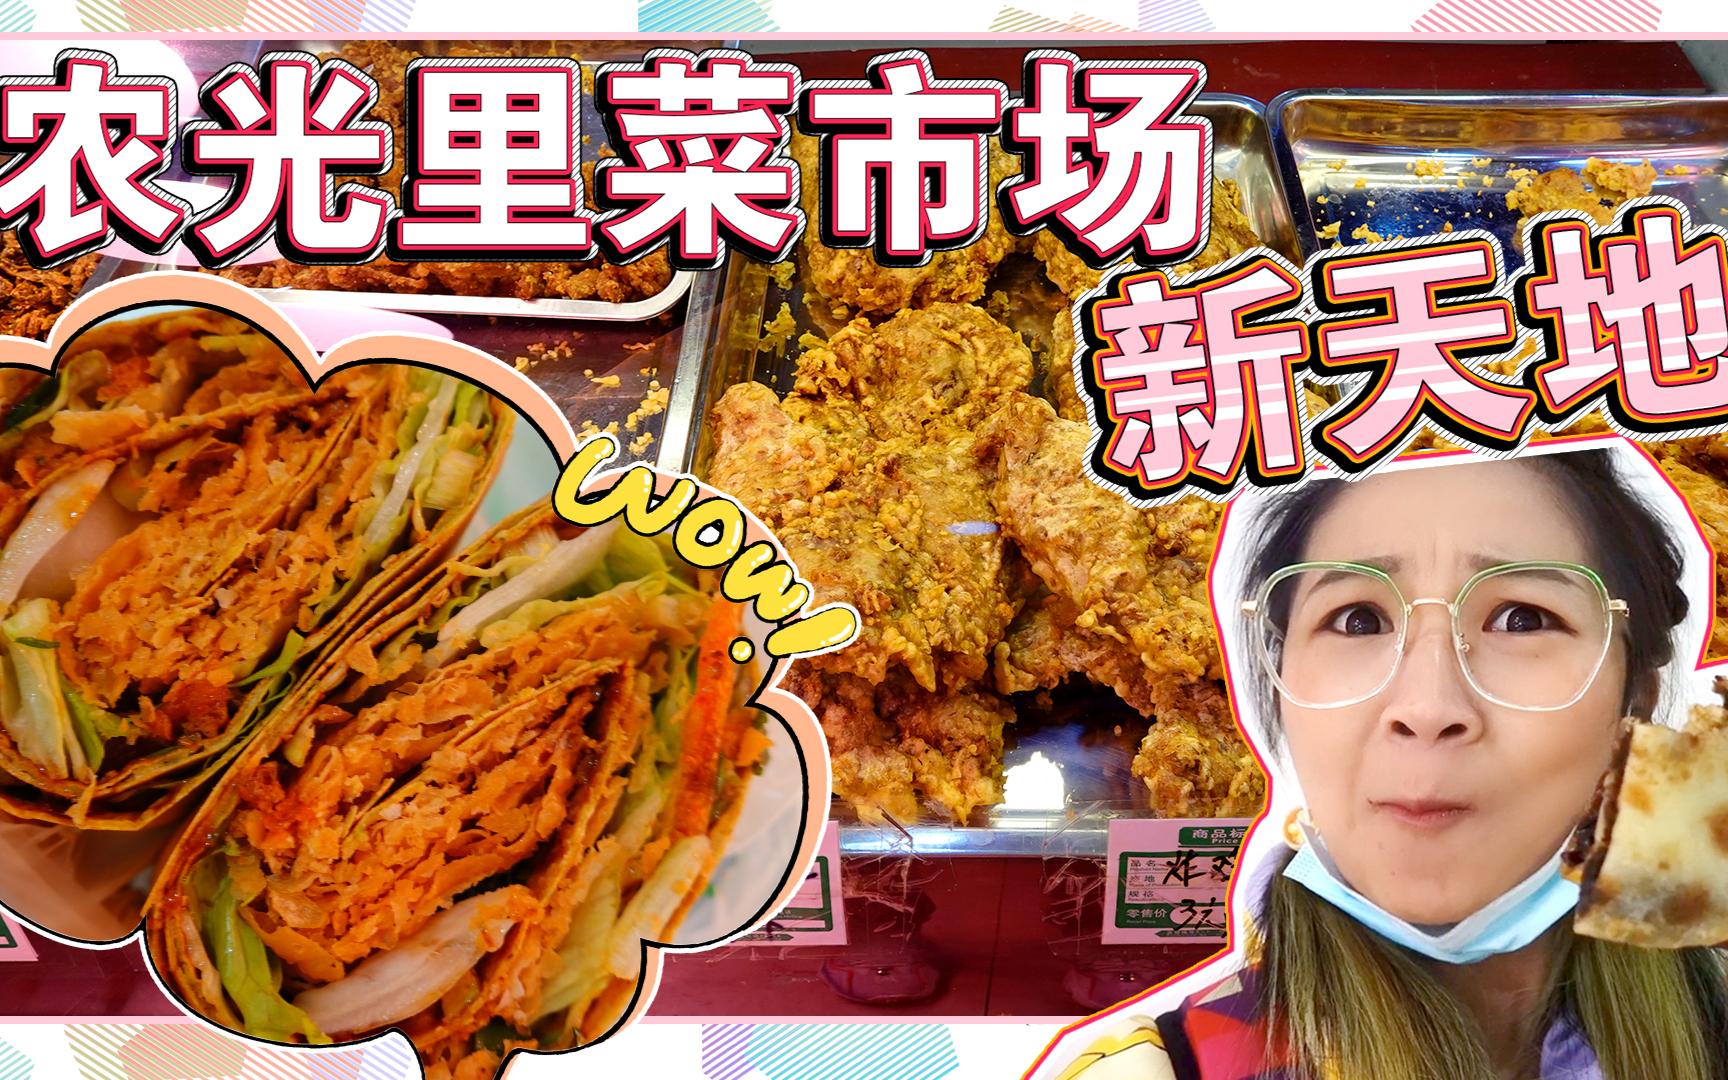 【逛吃北京】农光里菜市场有惊喜!一片区域都是吃的,糖饼绝了~